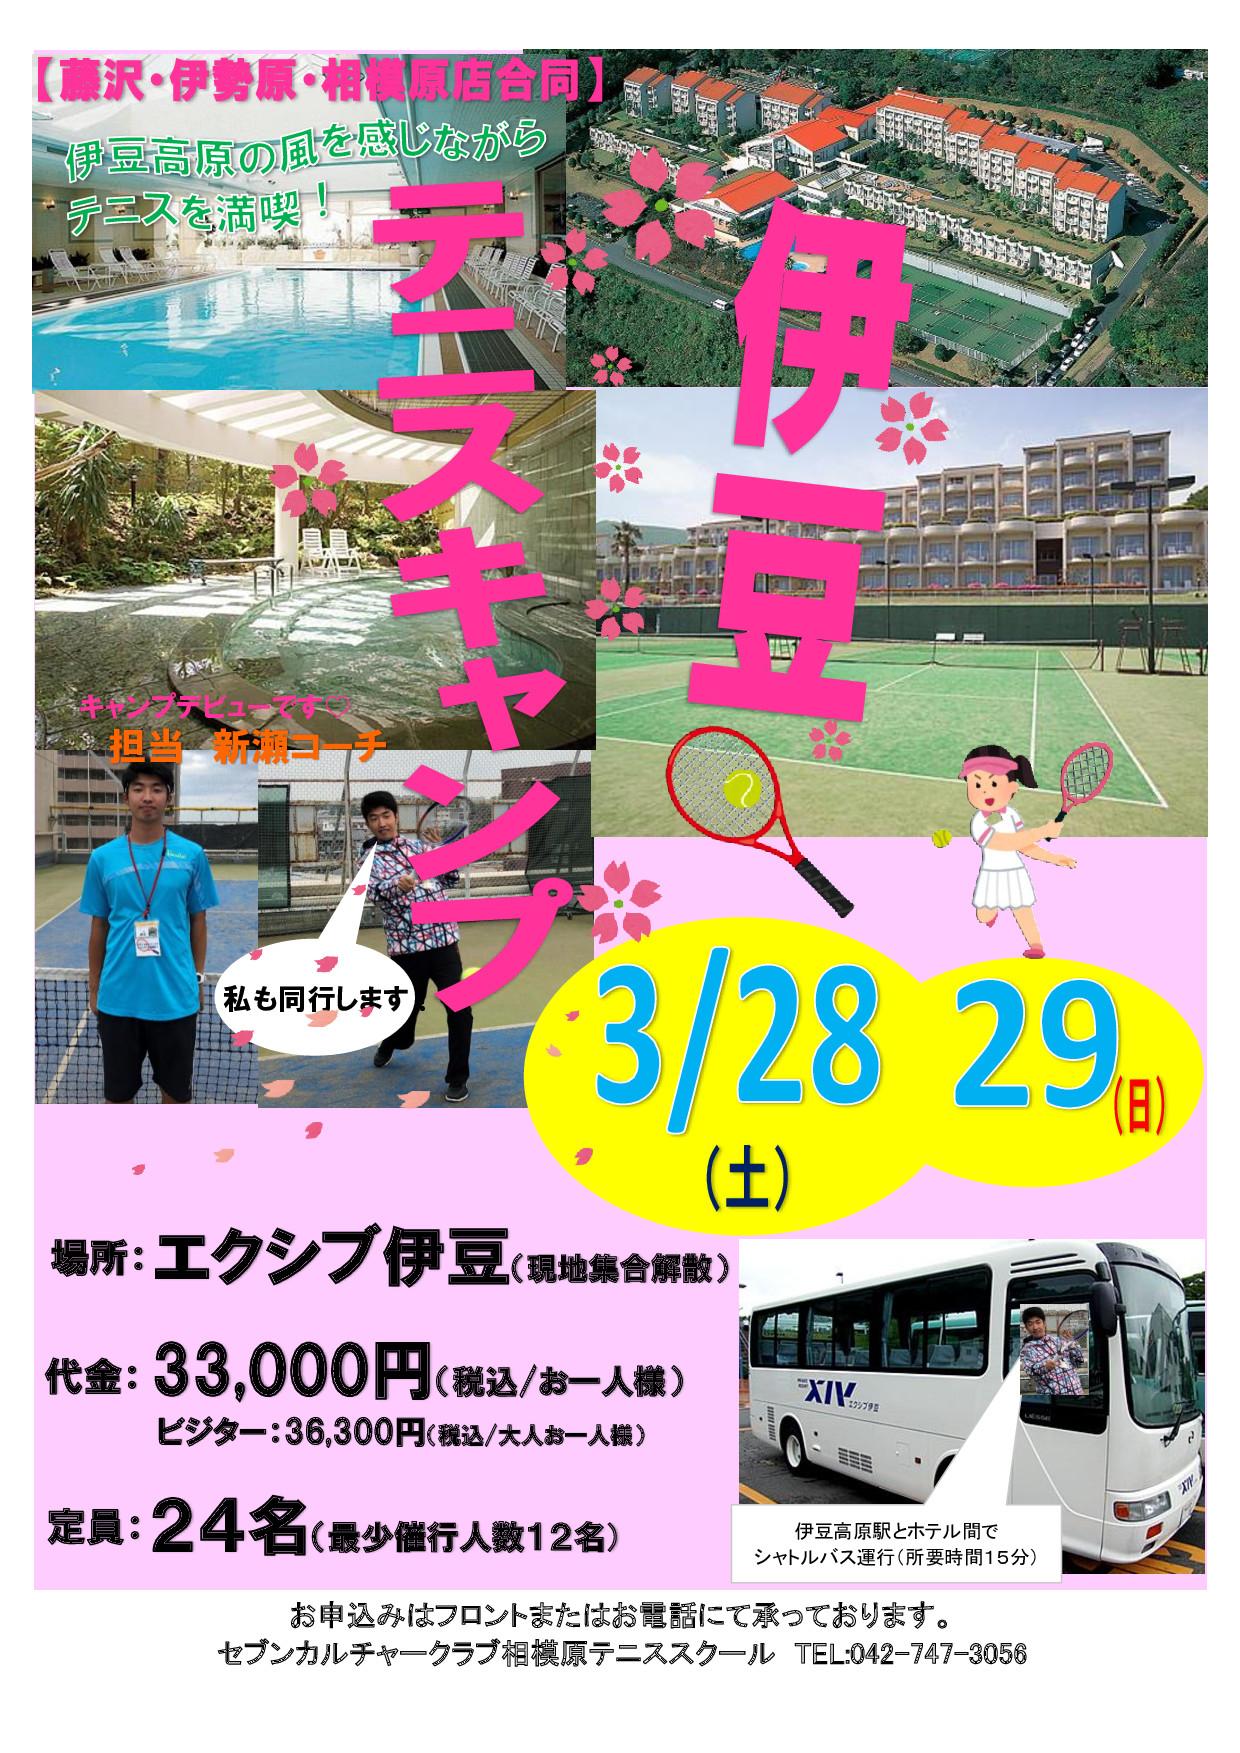 202003伊豆キャンプ_p001